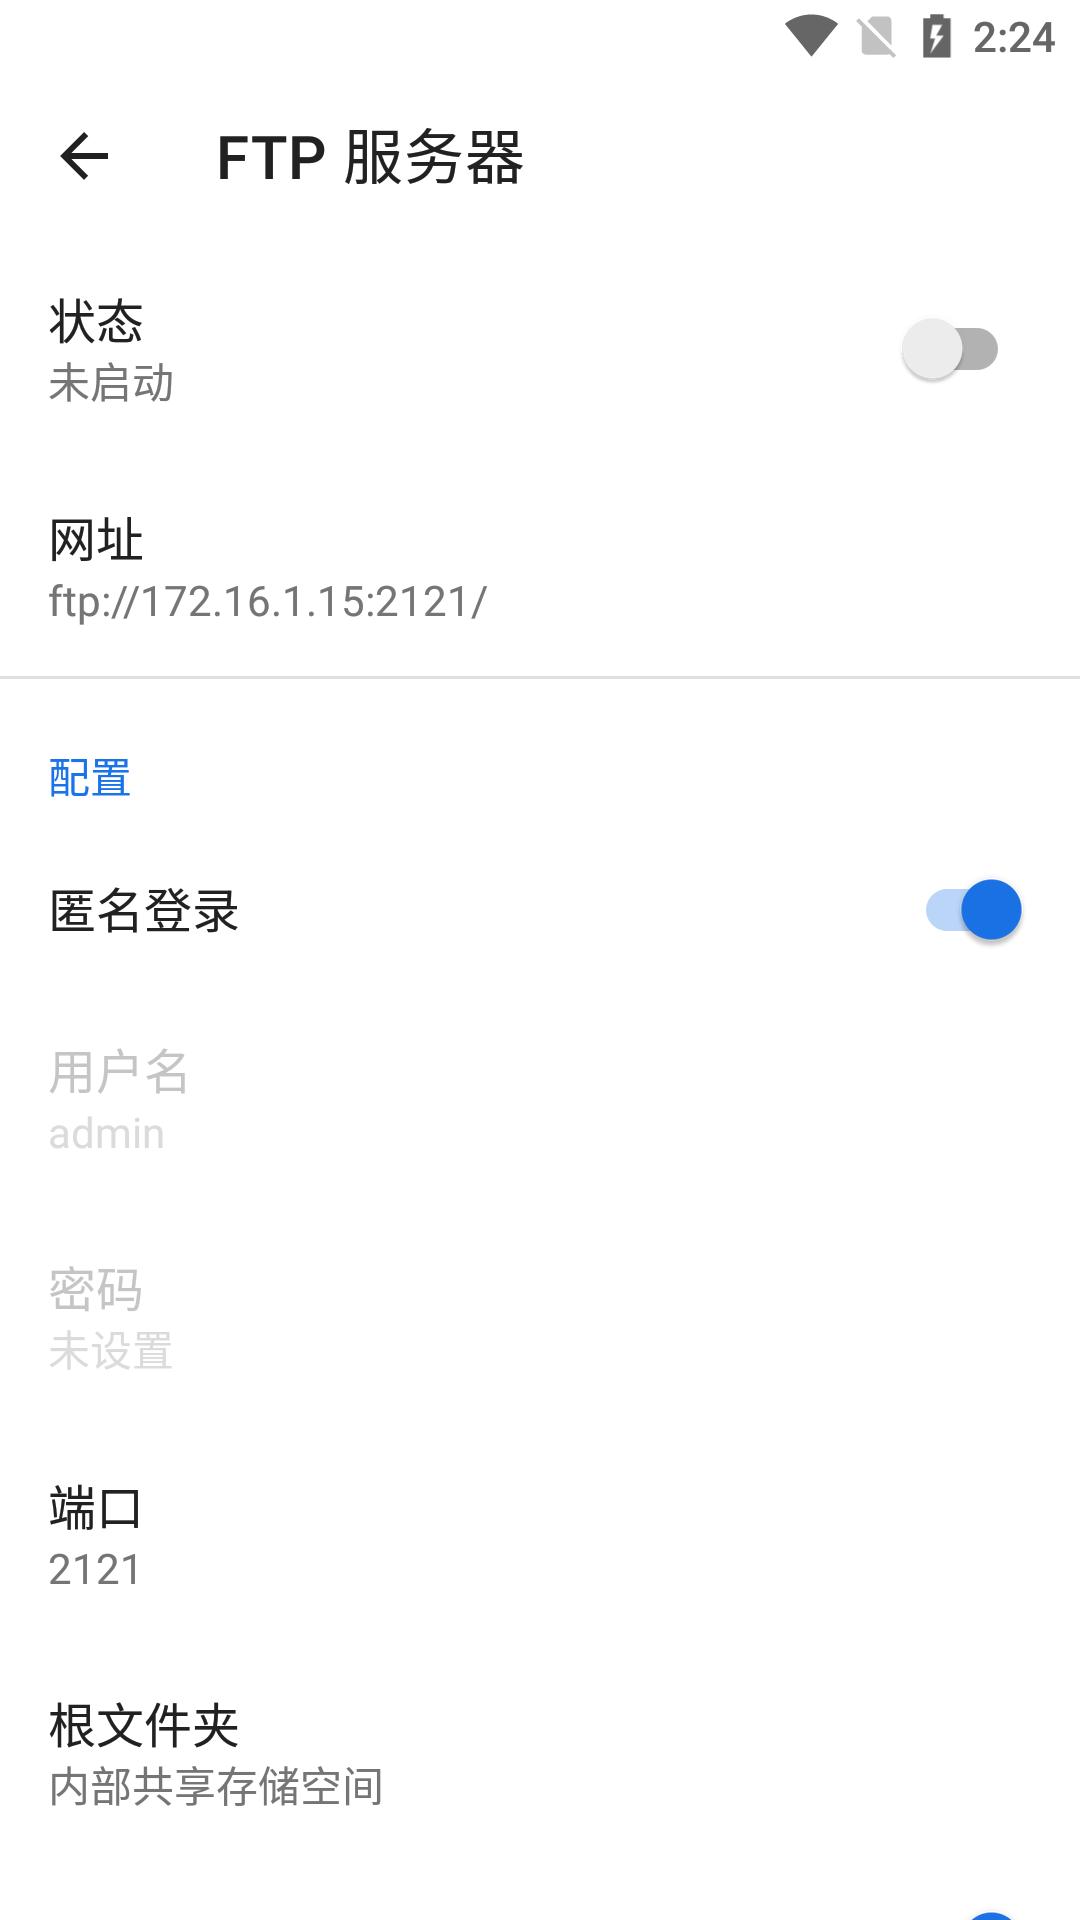 多多文件传输APP官方版图片1